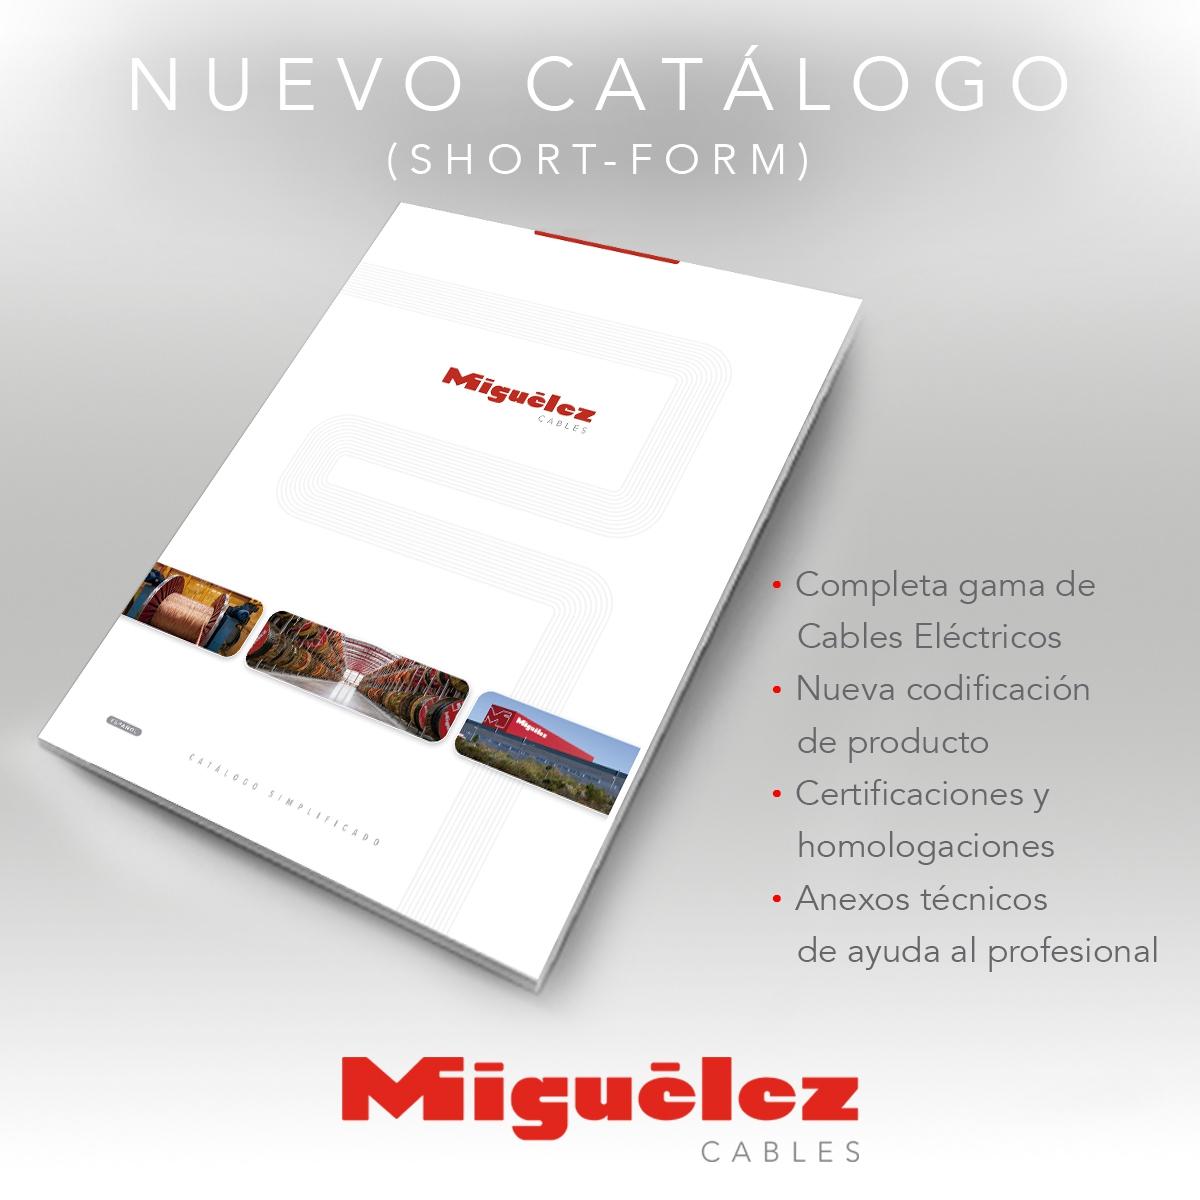 """Miguélez cables lanza el nuevo catálogo """"short-form"""""""